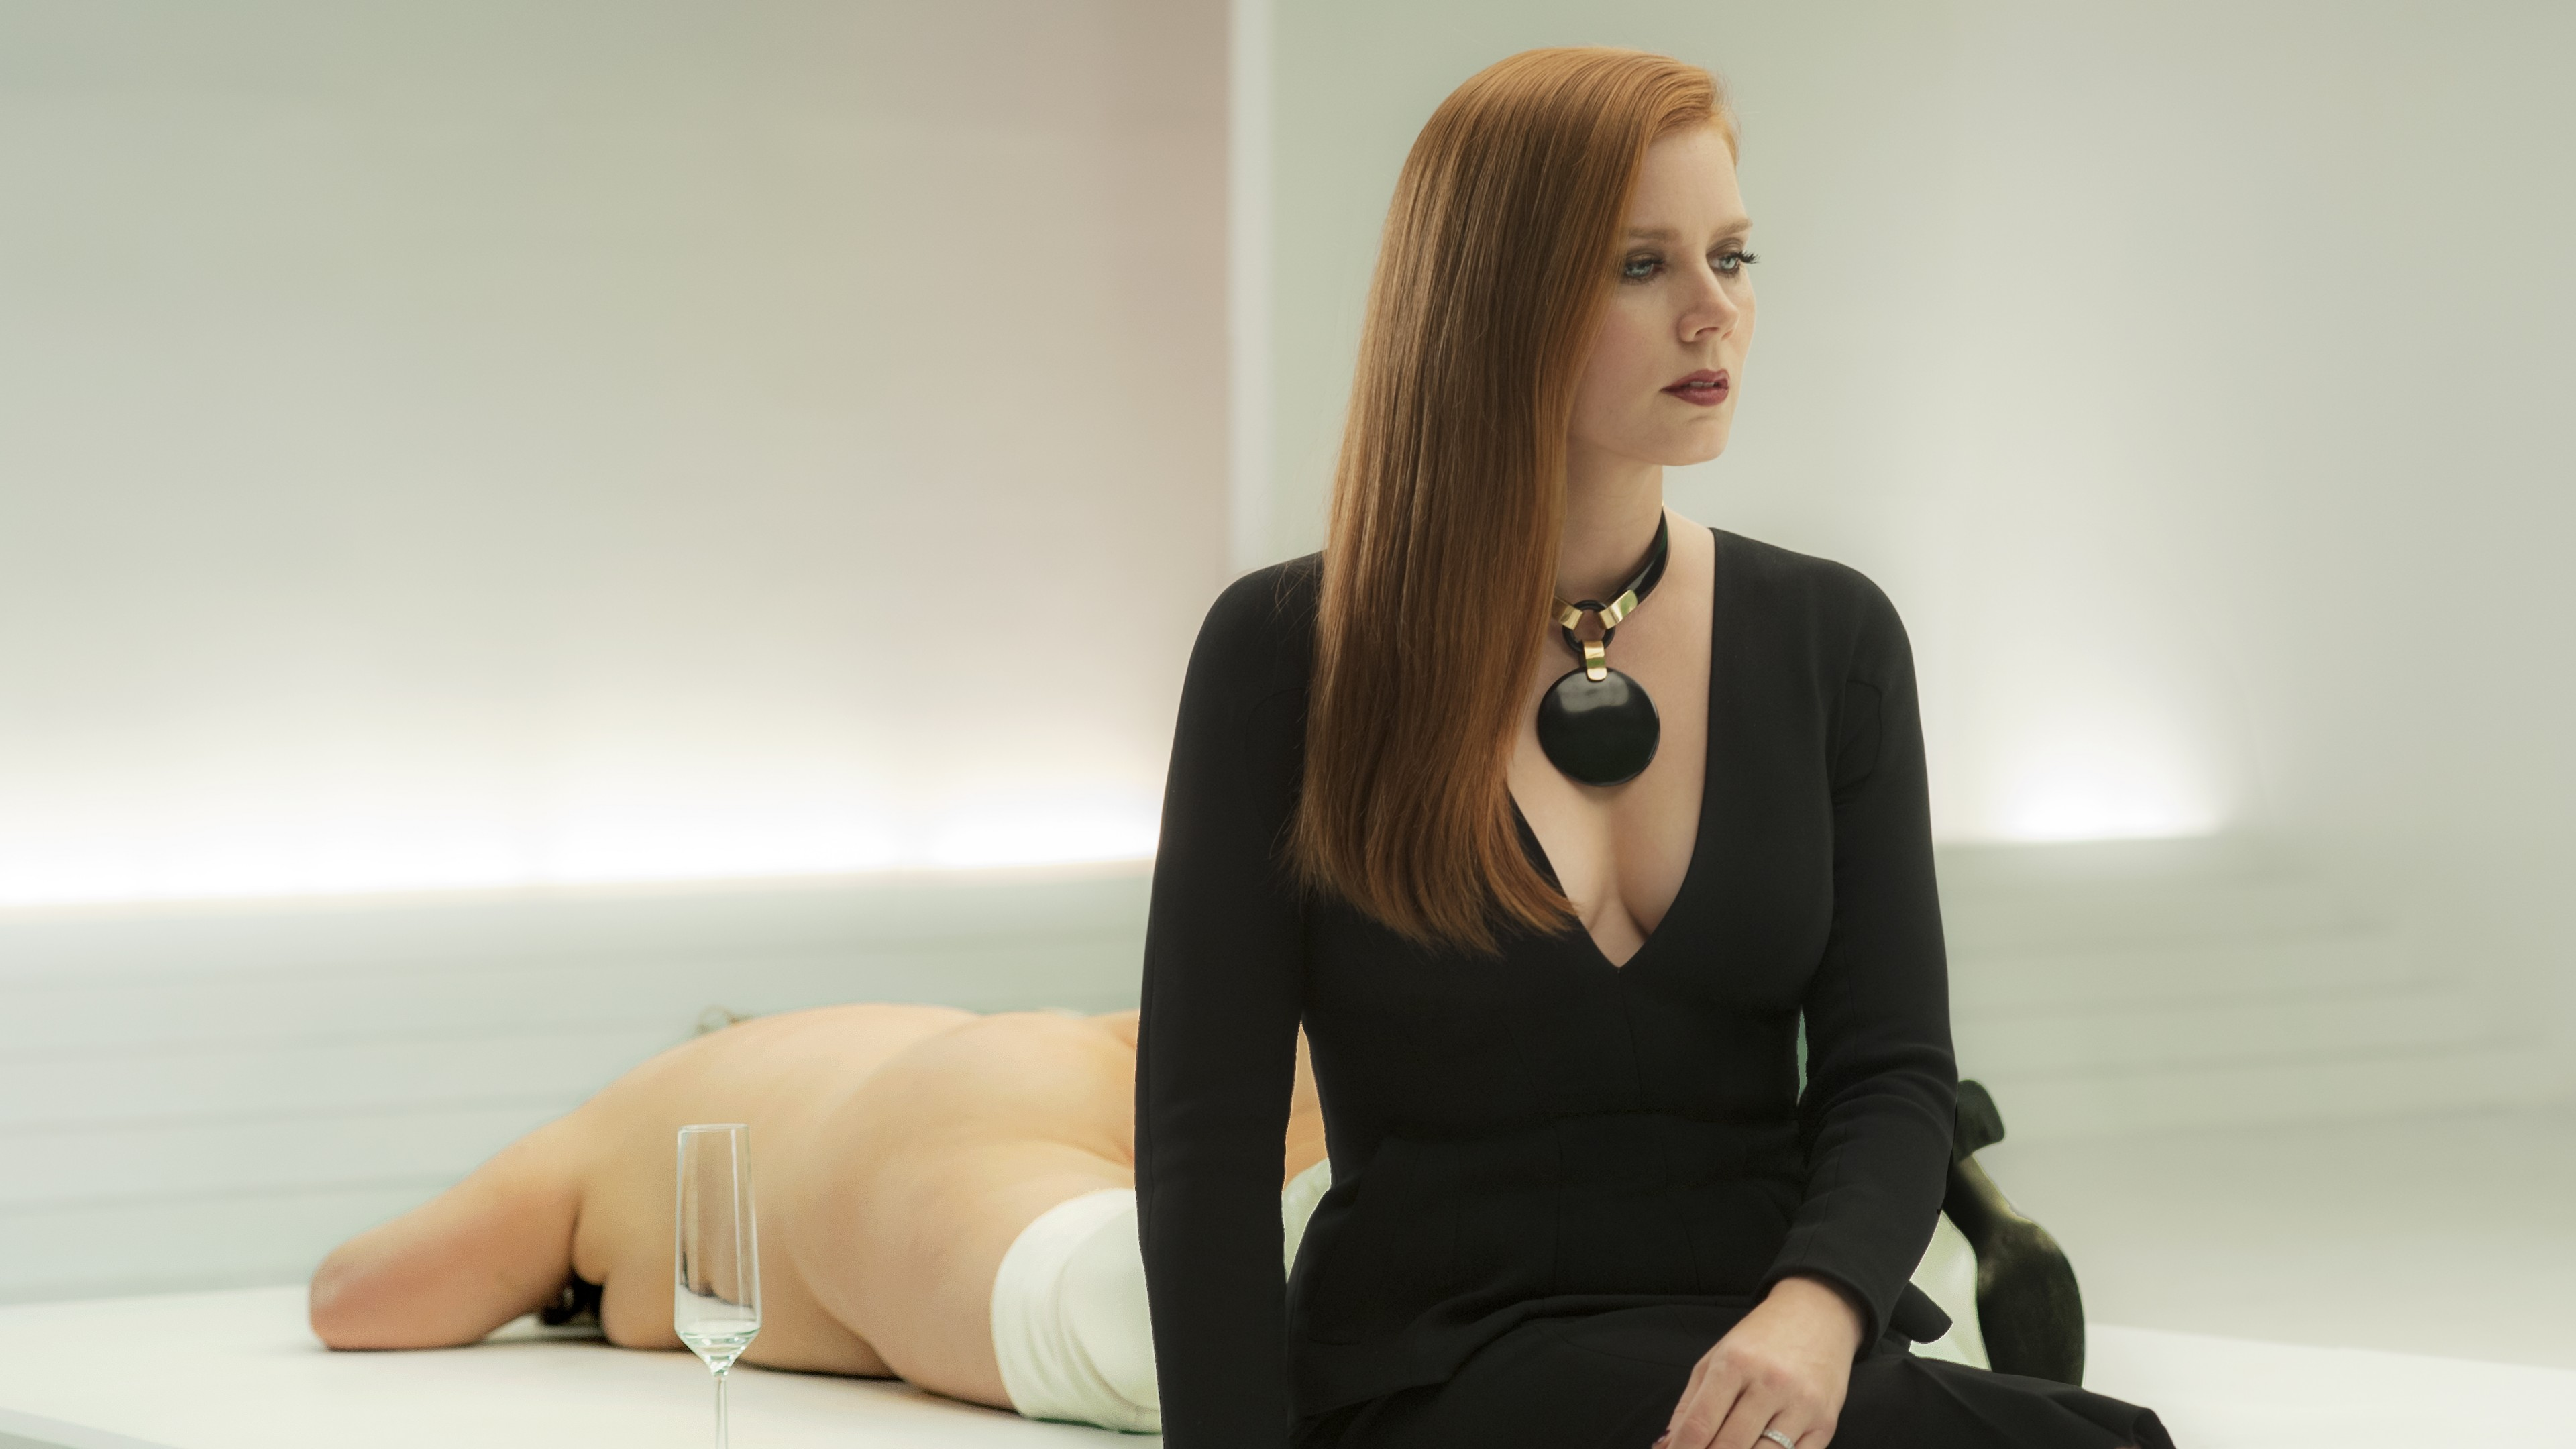 Элегантная дама в черном платье